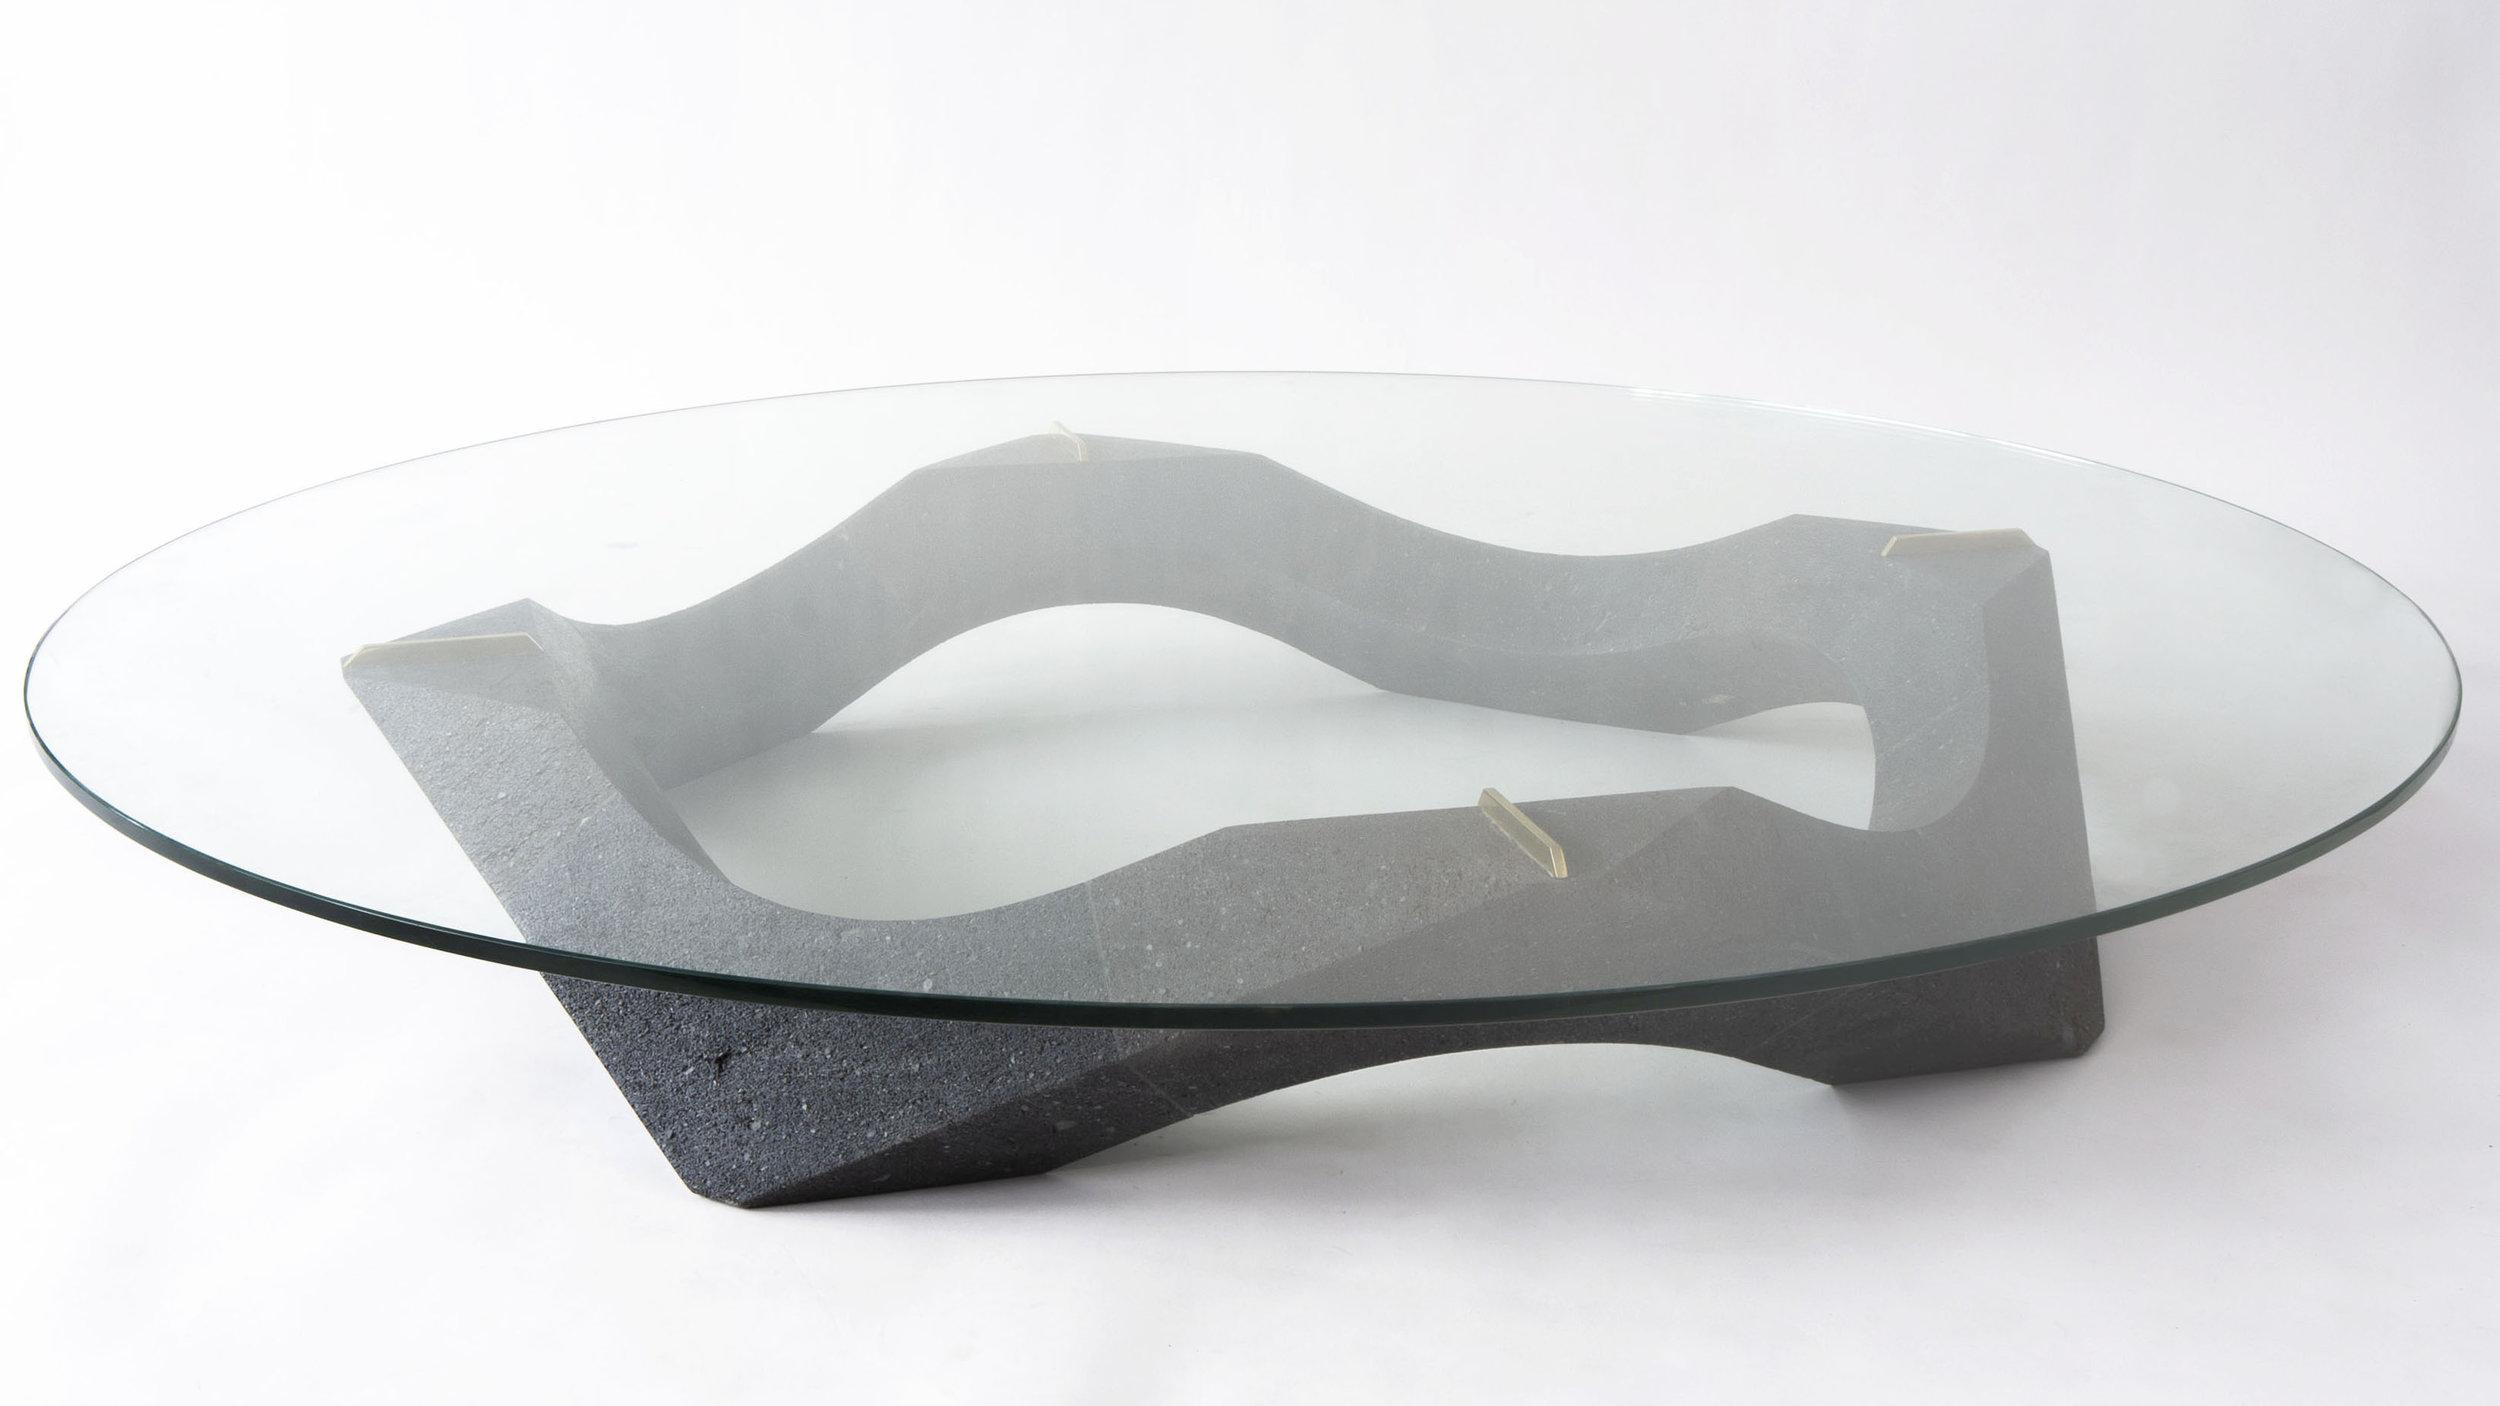 PEDRO CERISOLA - NAUI TABLE